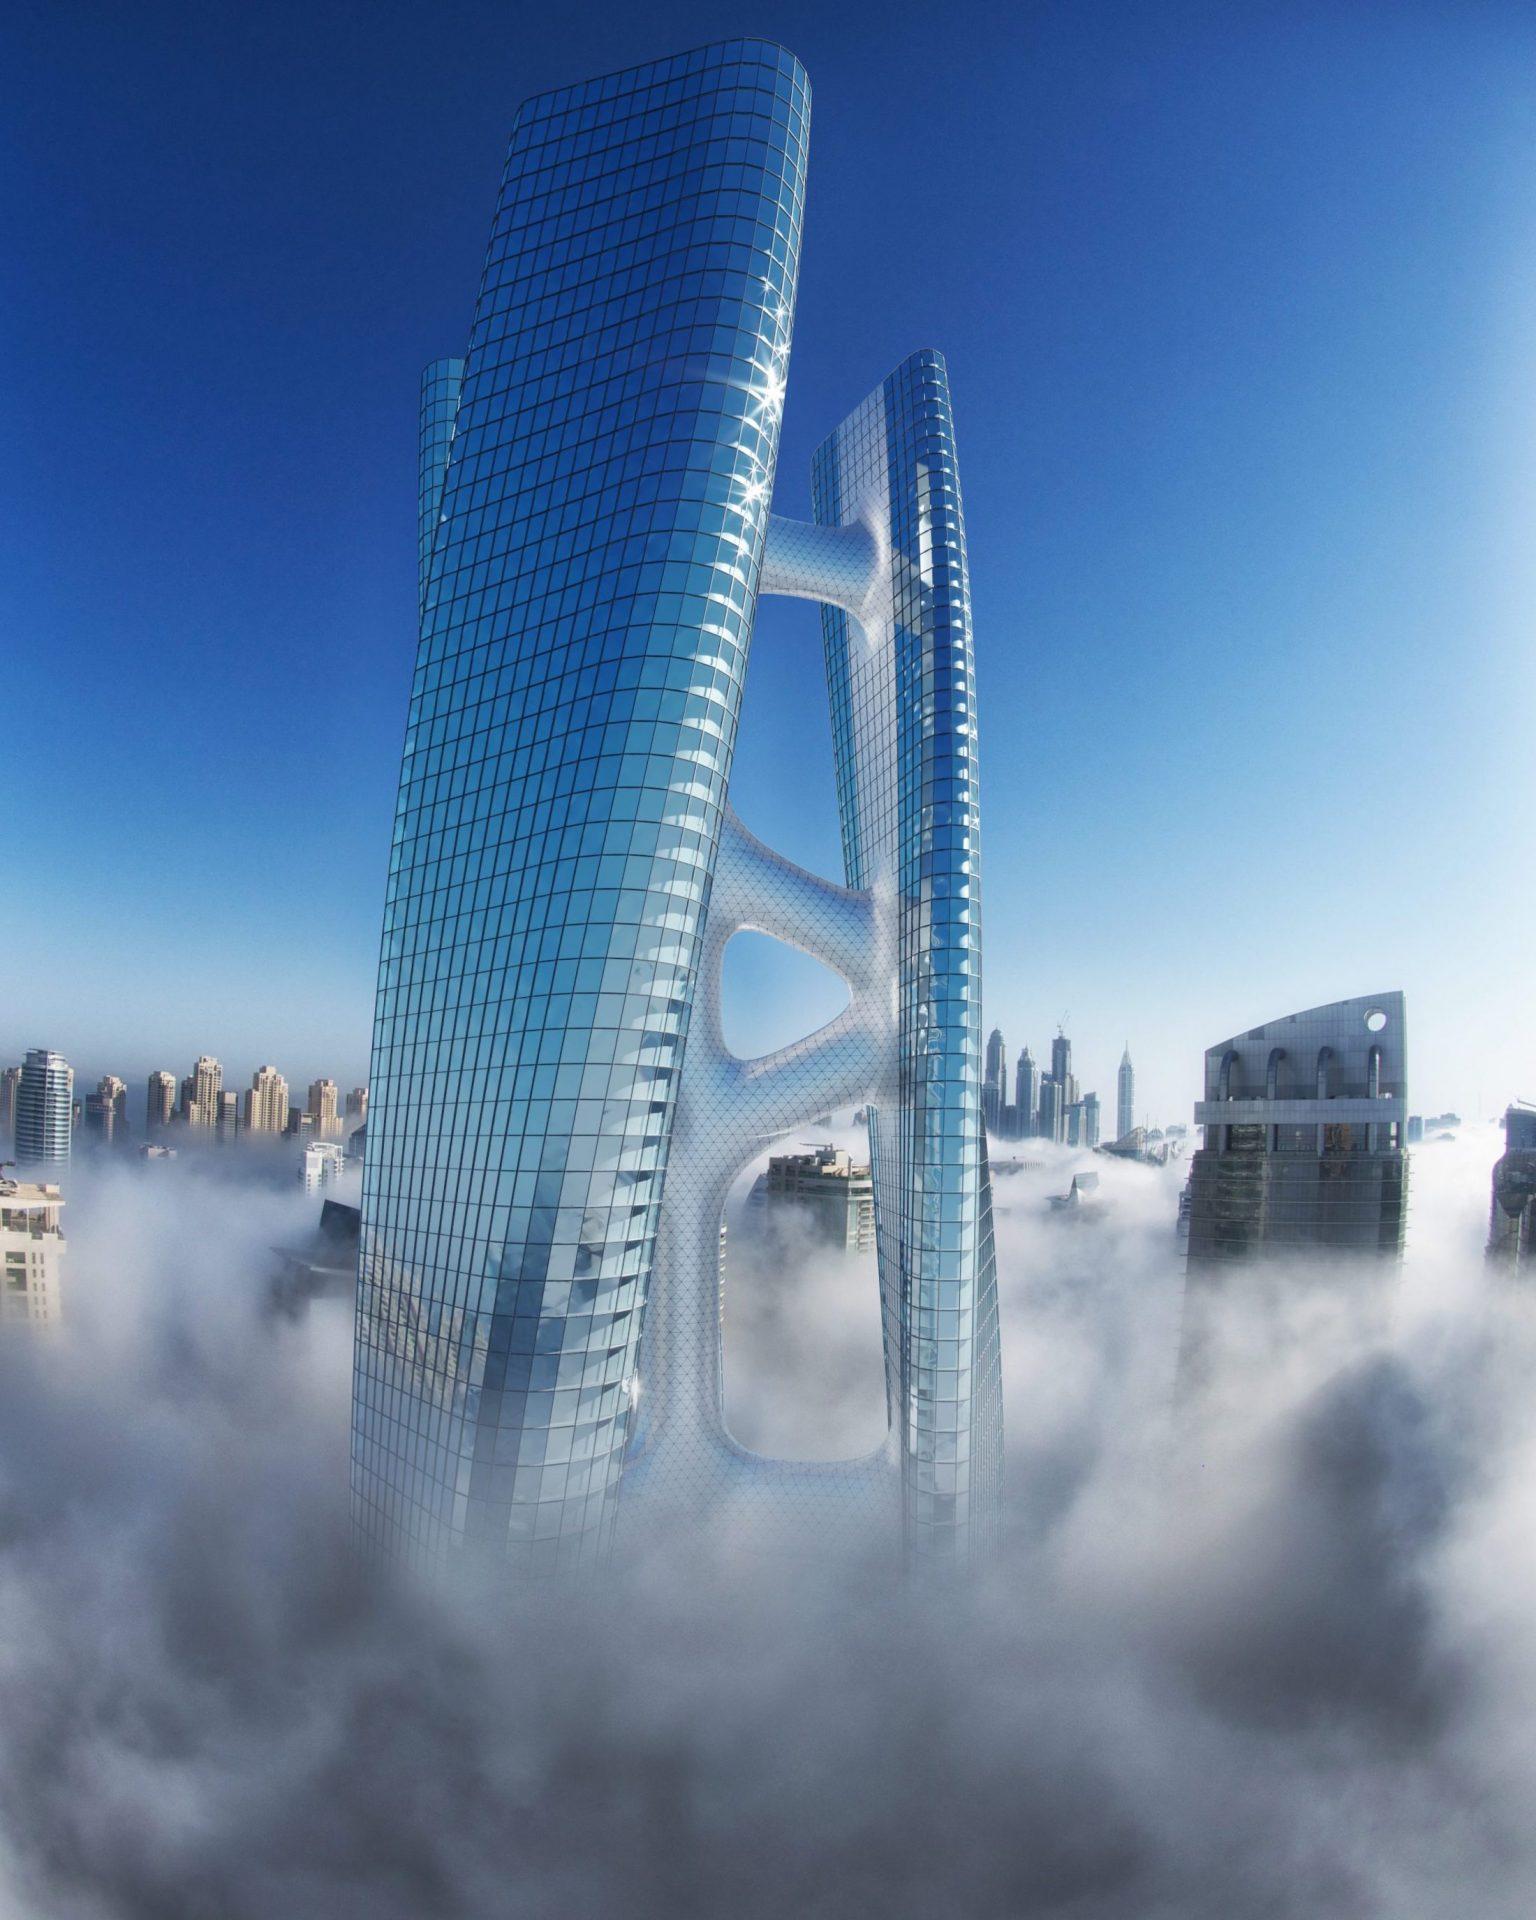 La Squall Tower tourne sur elle-même comme une éolienne pour produire de l'électricité